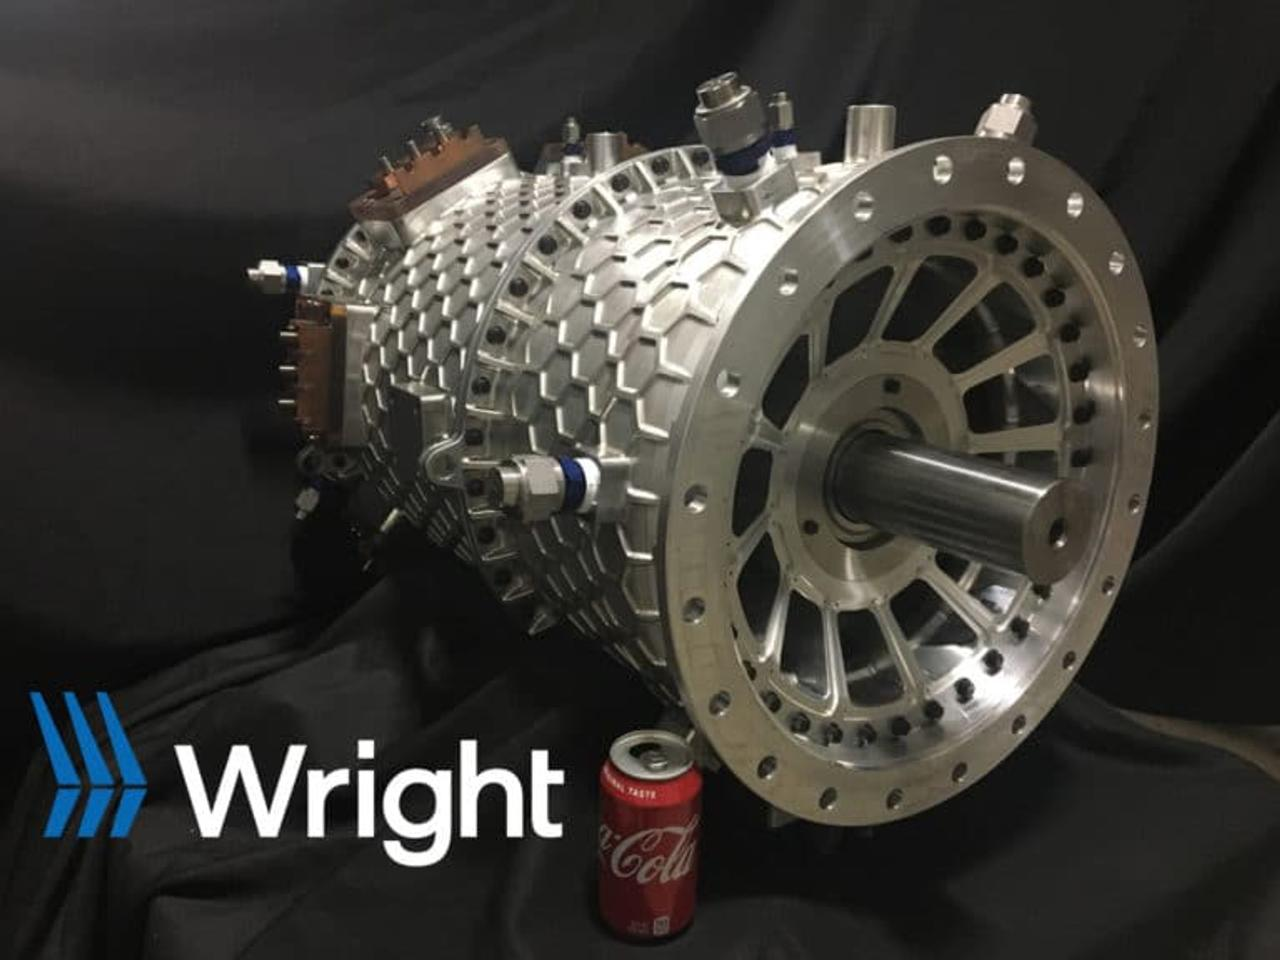 Wright Electric создала самый крупный электрический двигатель мощностью 2 МВт для пассажирских самолетов